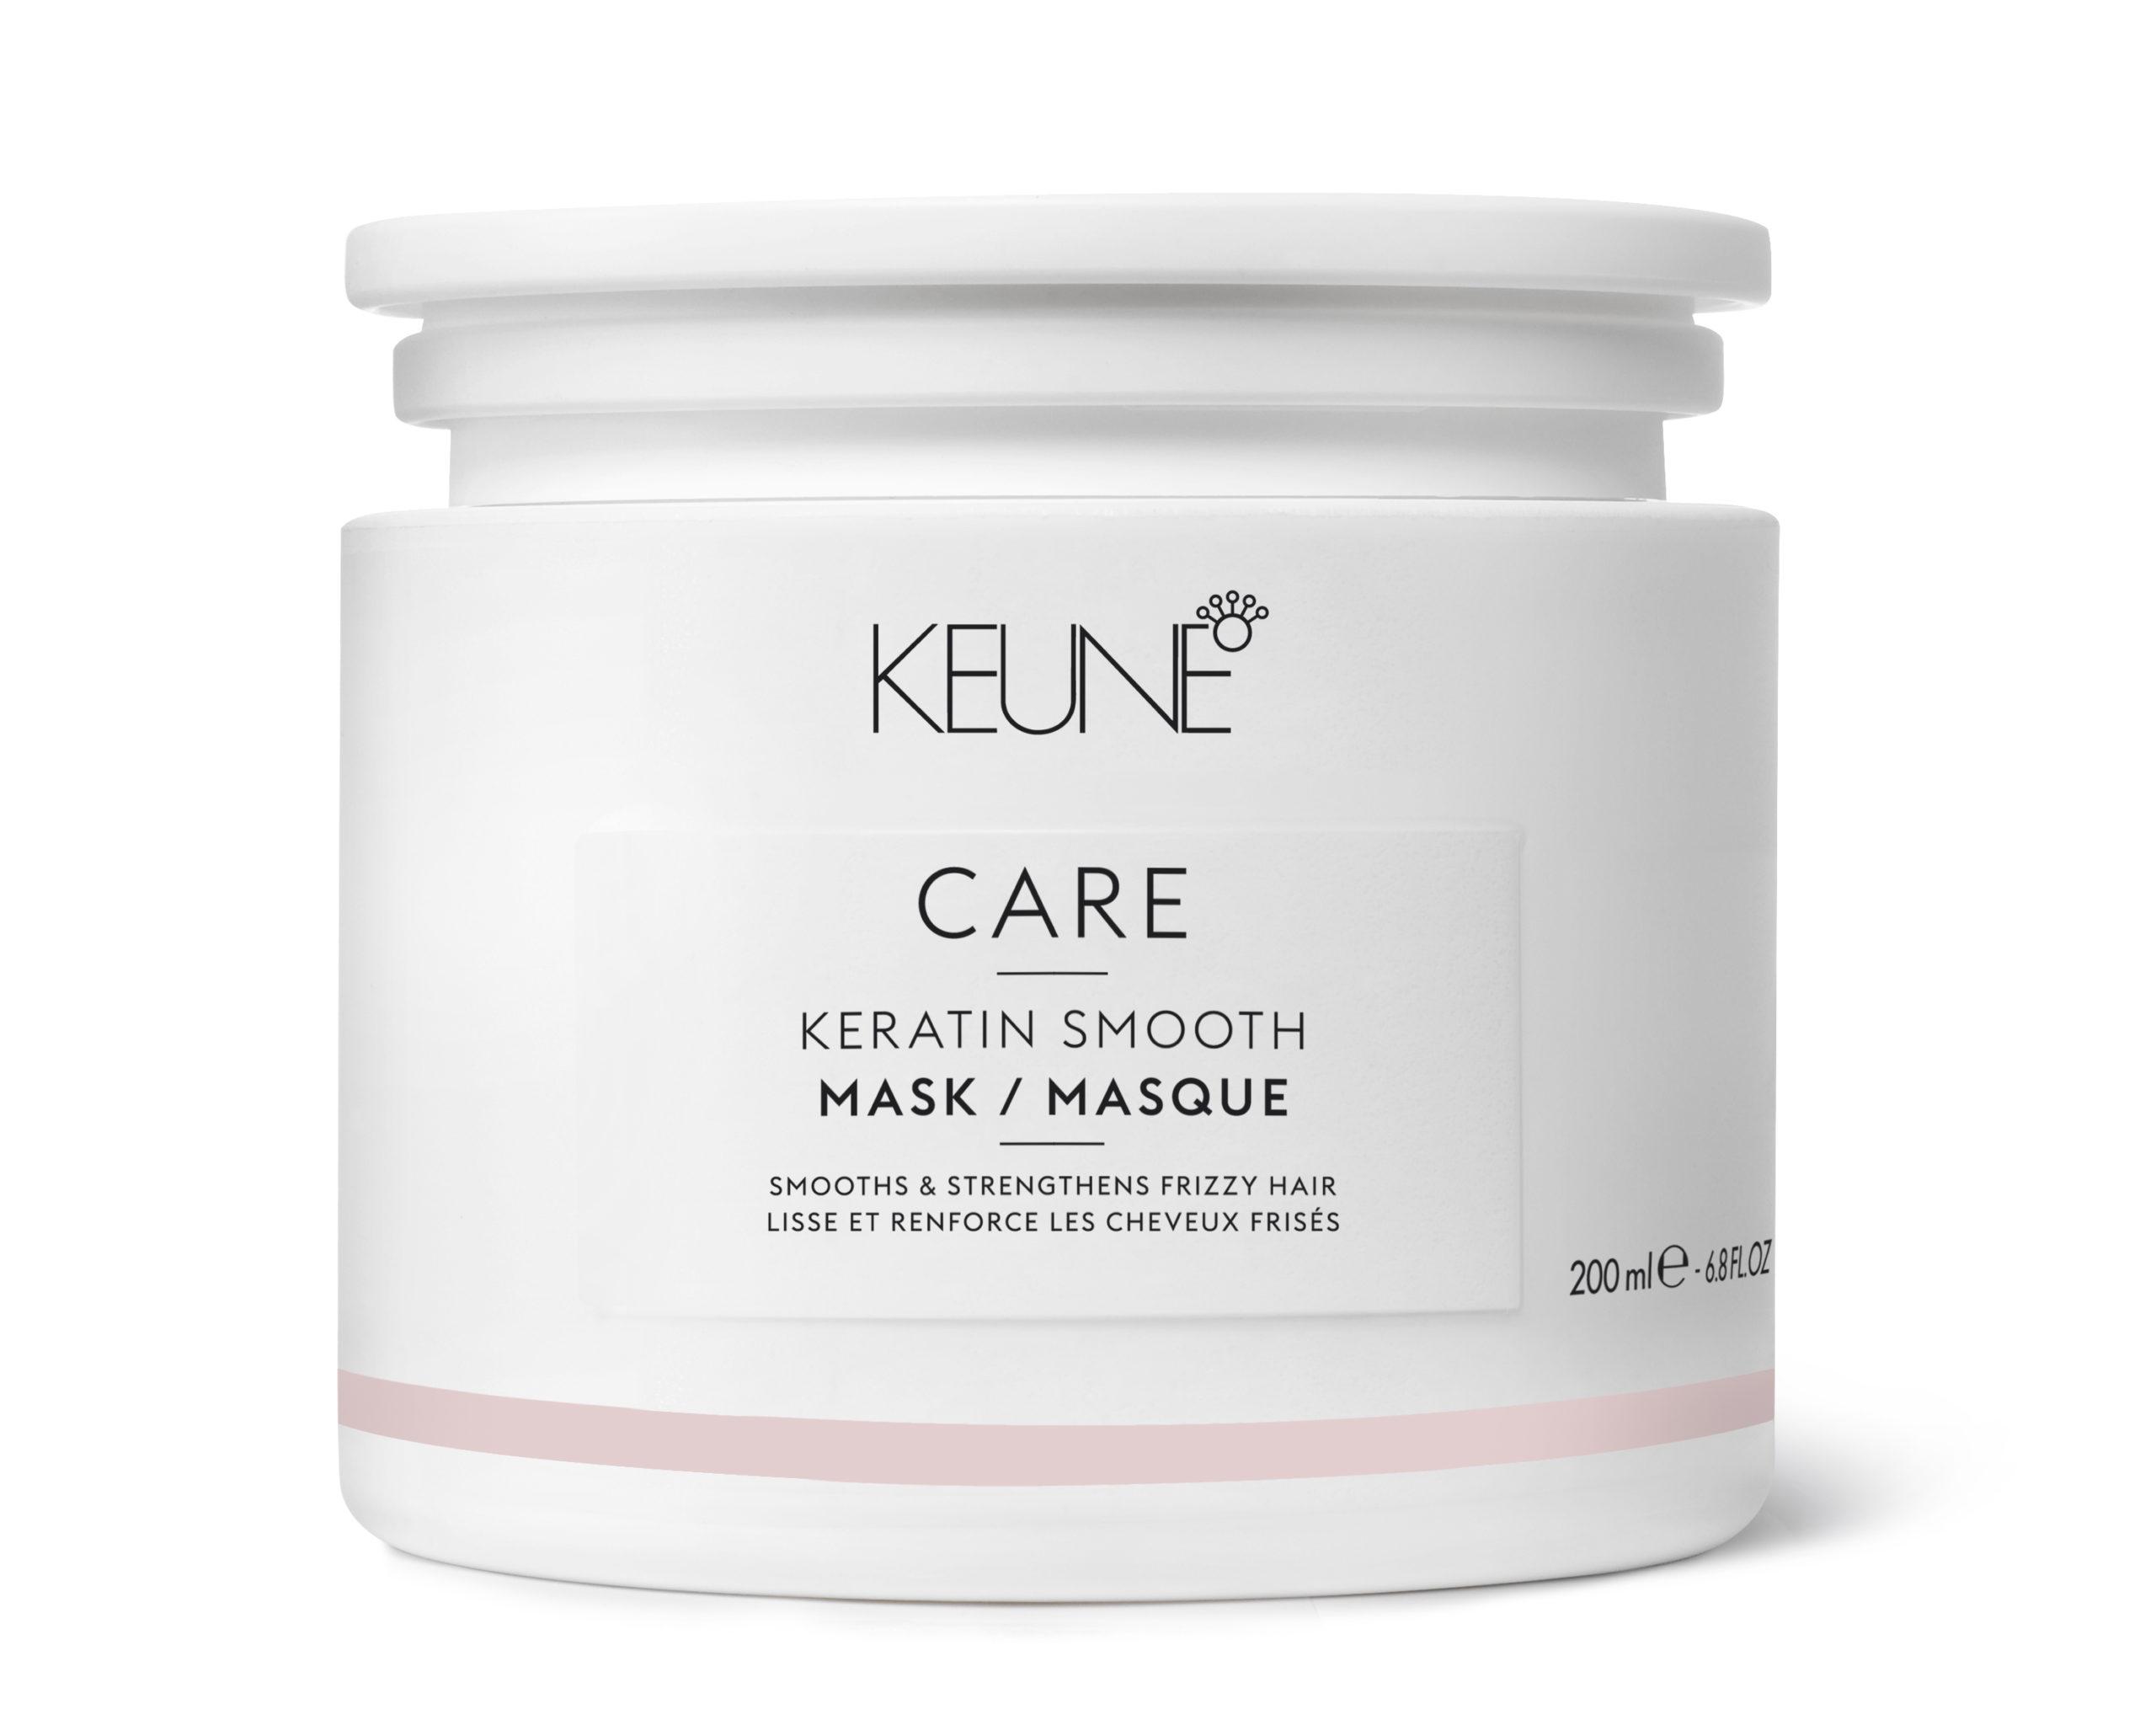 Care-Keratin-Smooth-Mask-200ml-Pot-highres